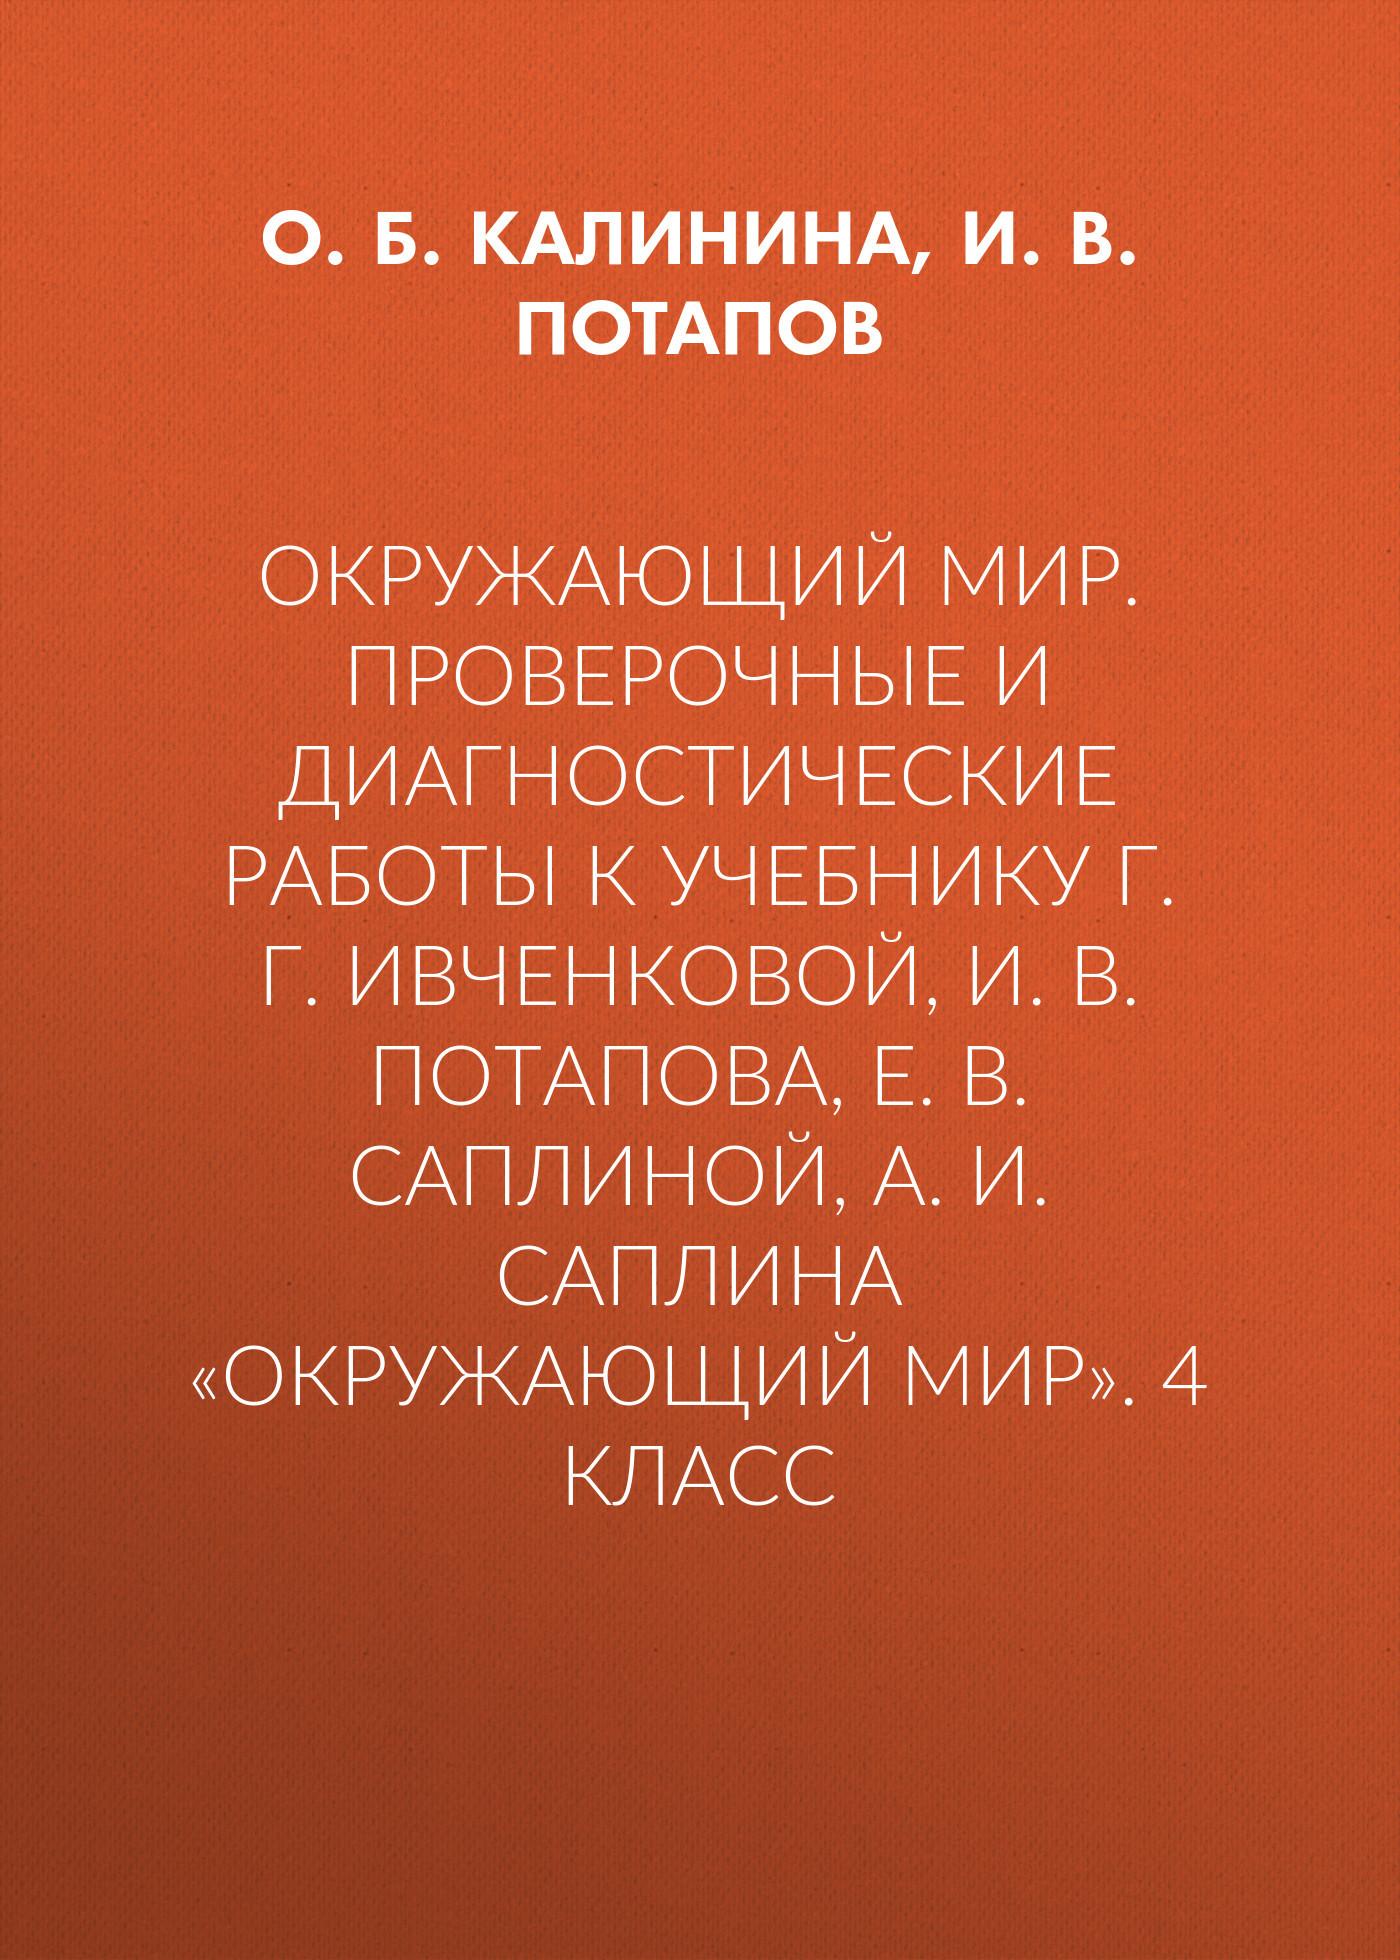 Сказка про дельфинов для детей читать